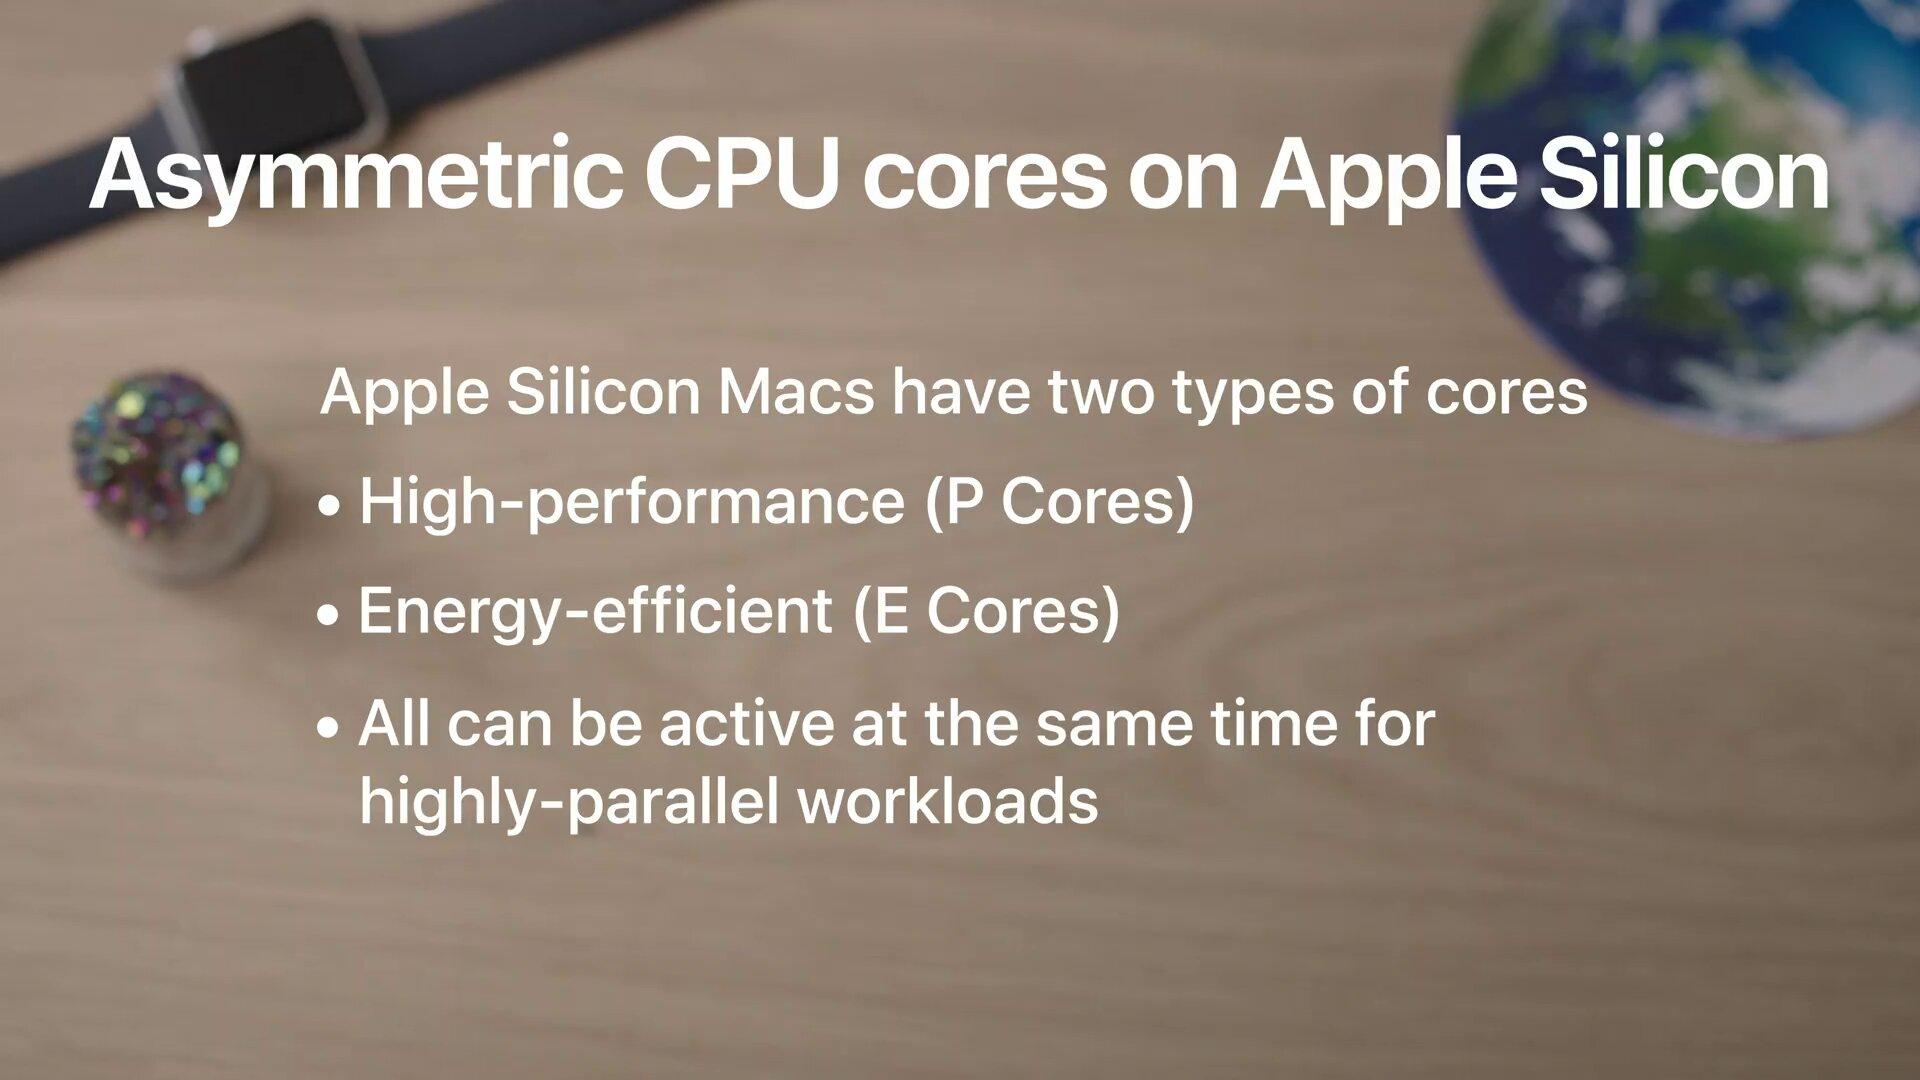 Apple Silicon für Macs nutzt P-Cores und E-Cores